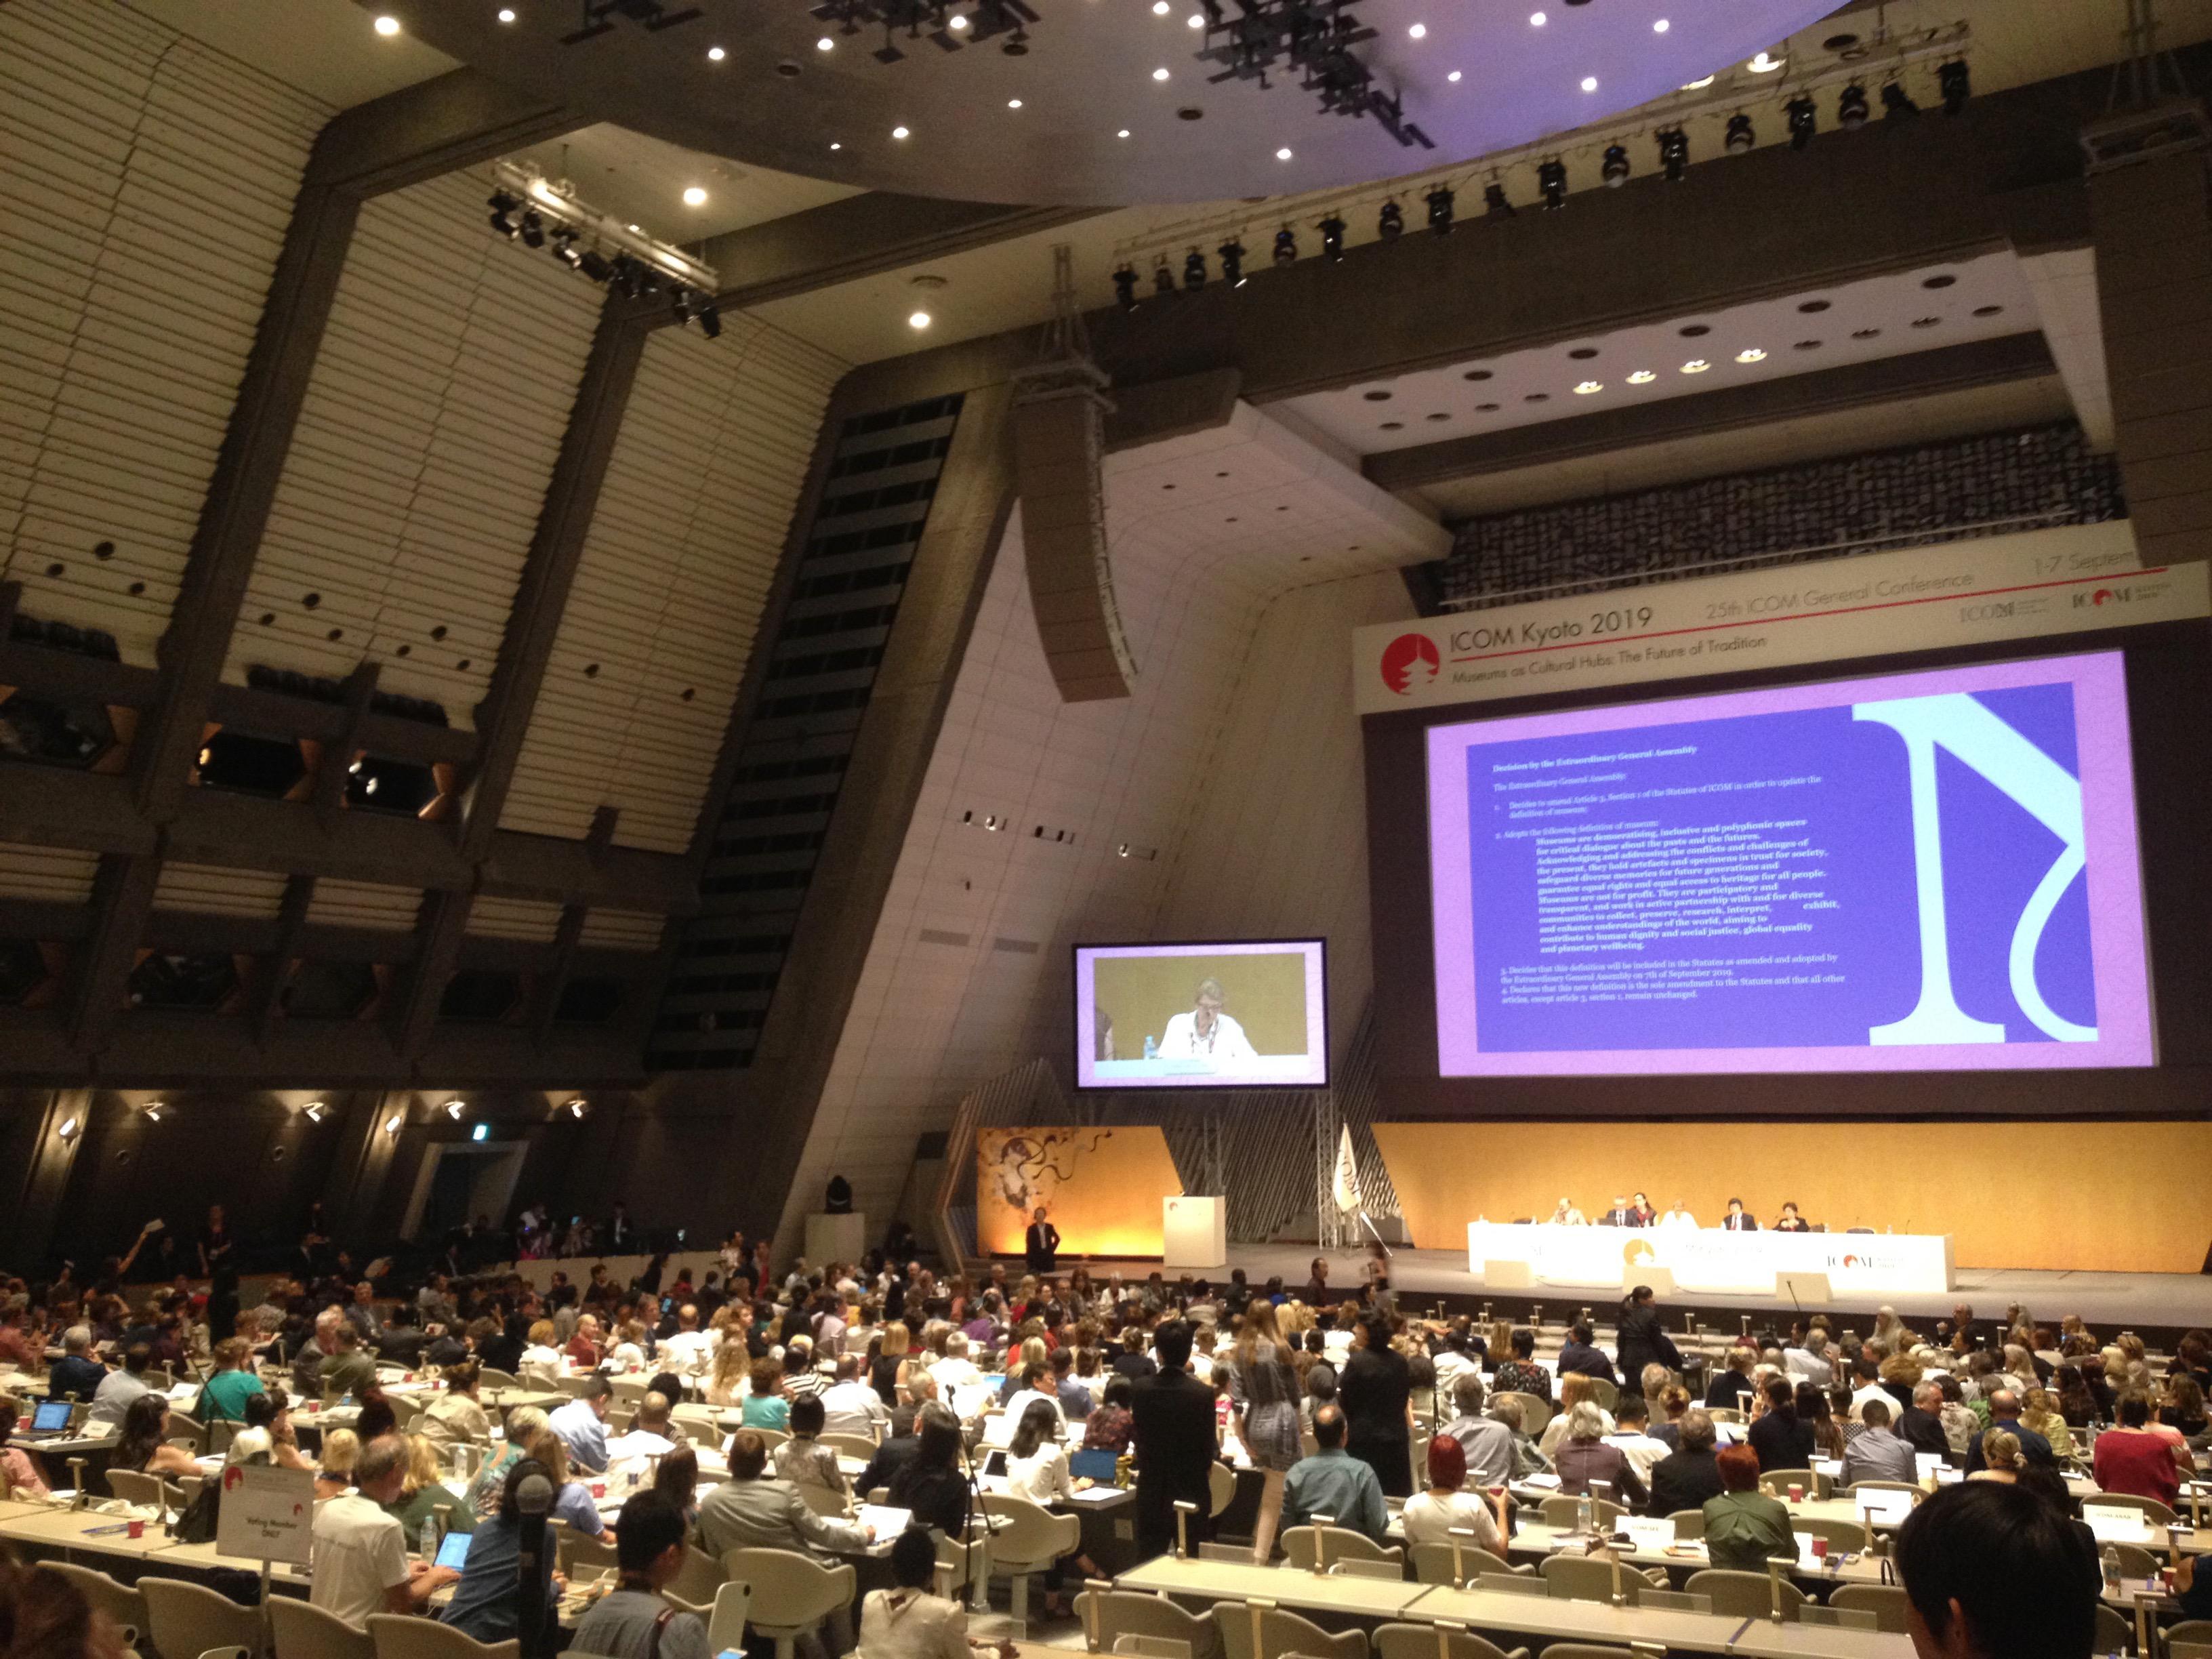 Na imagem vê-se uma panorâmica da assembleia-geral do Conselho Internacional de Museus, que se reuniu em Quioto no Japão a 7 de Setembro de 2019